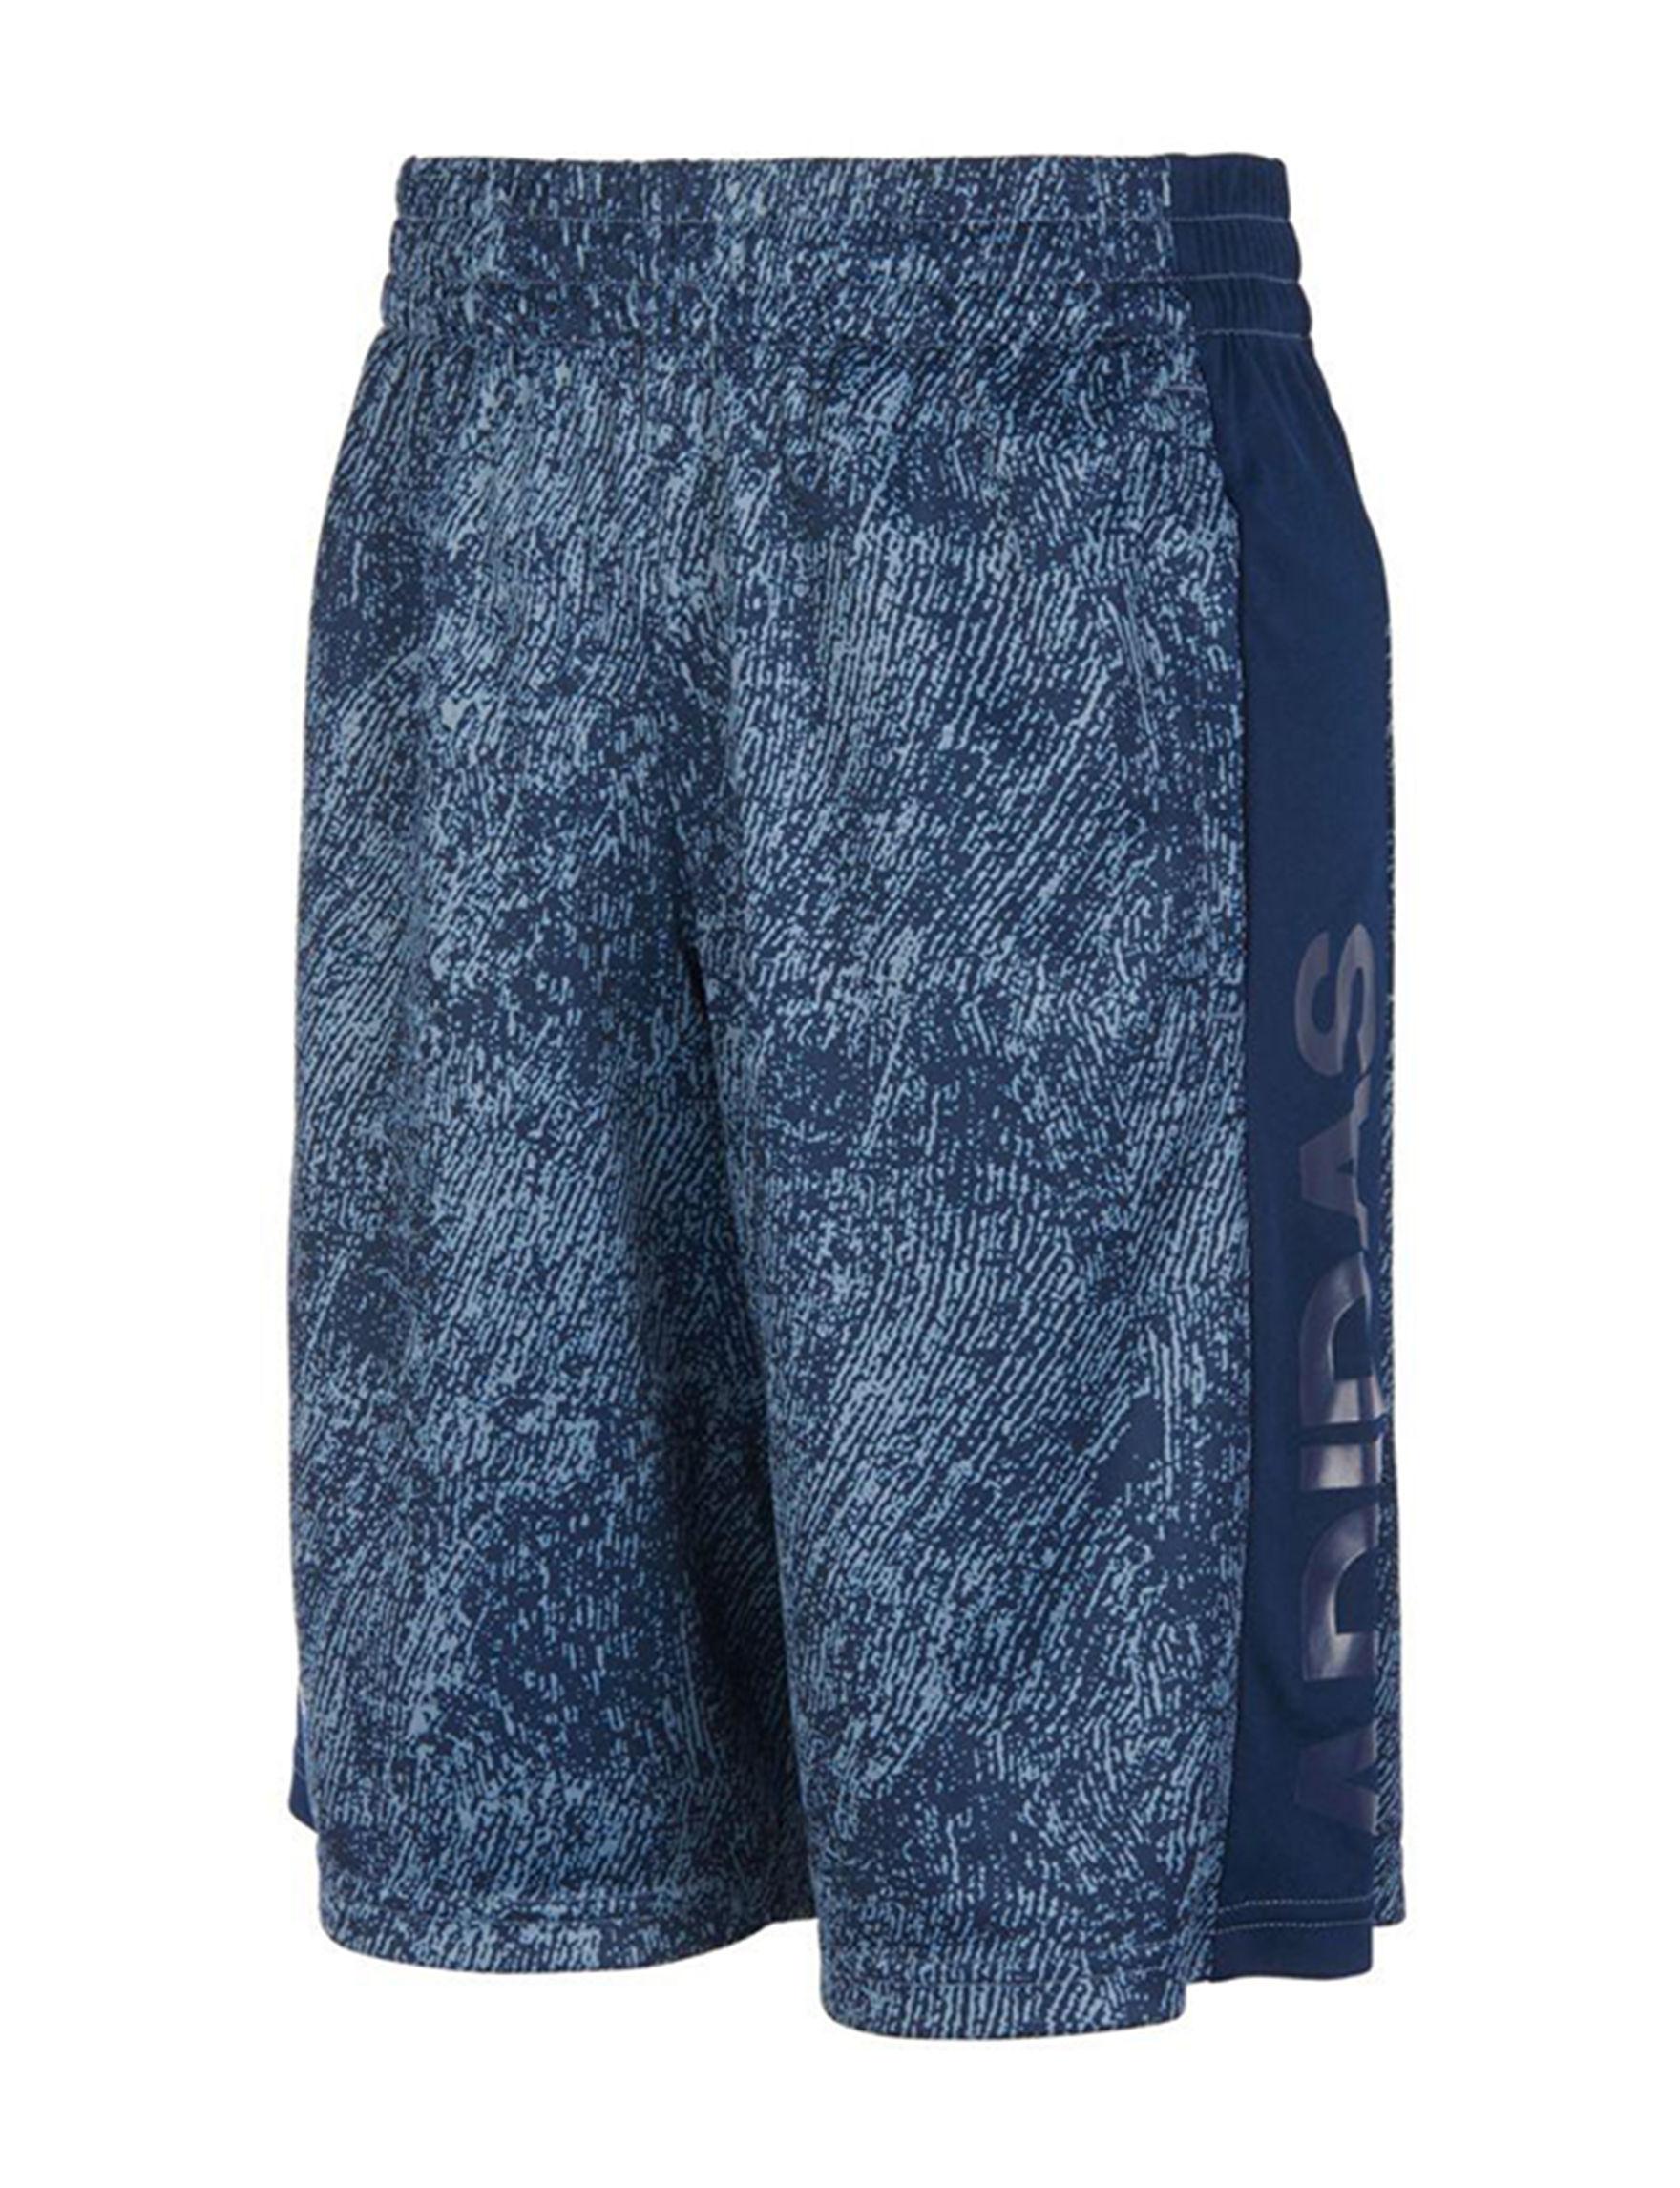 Adidas Grey / Blue